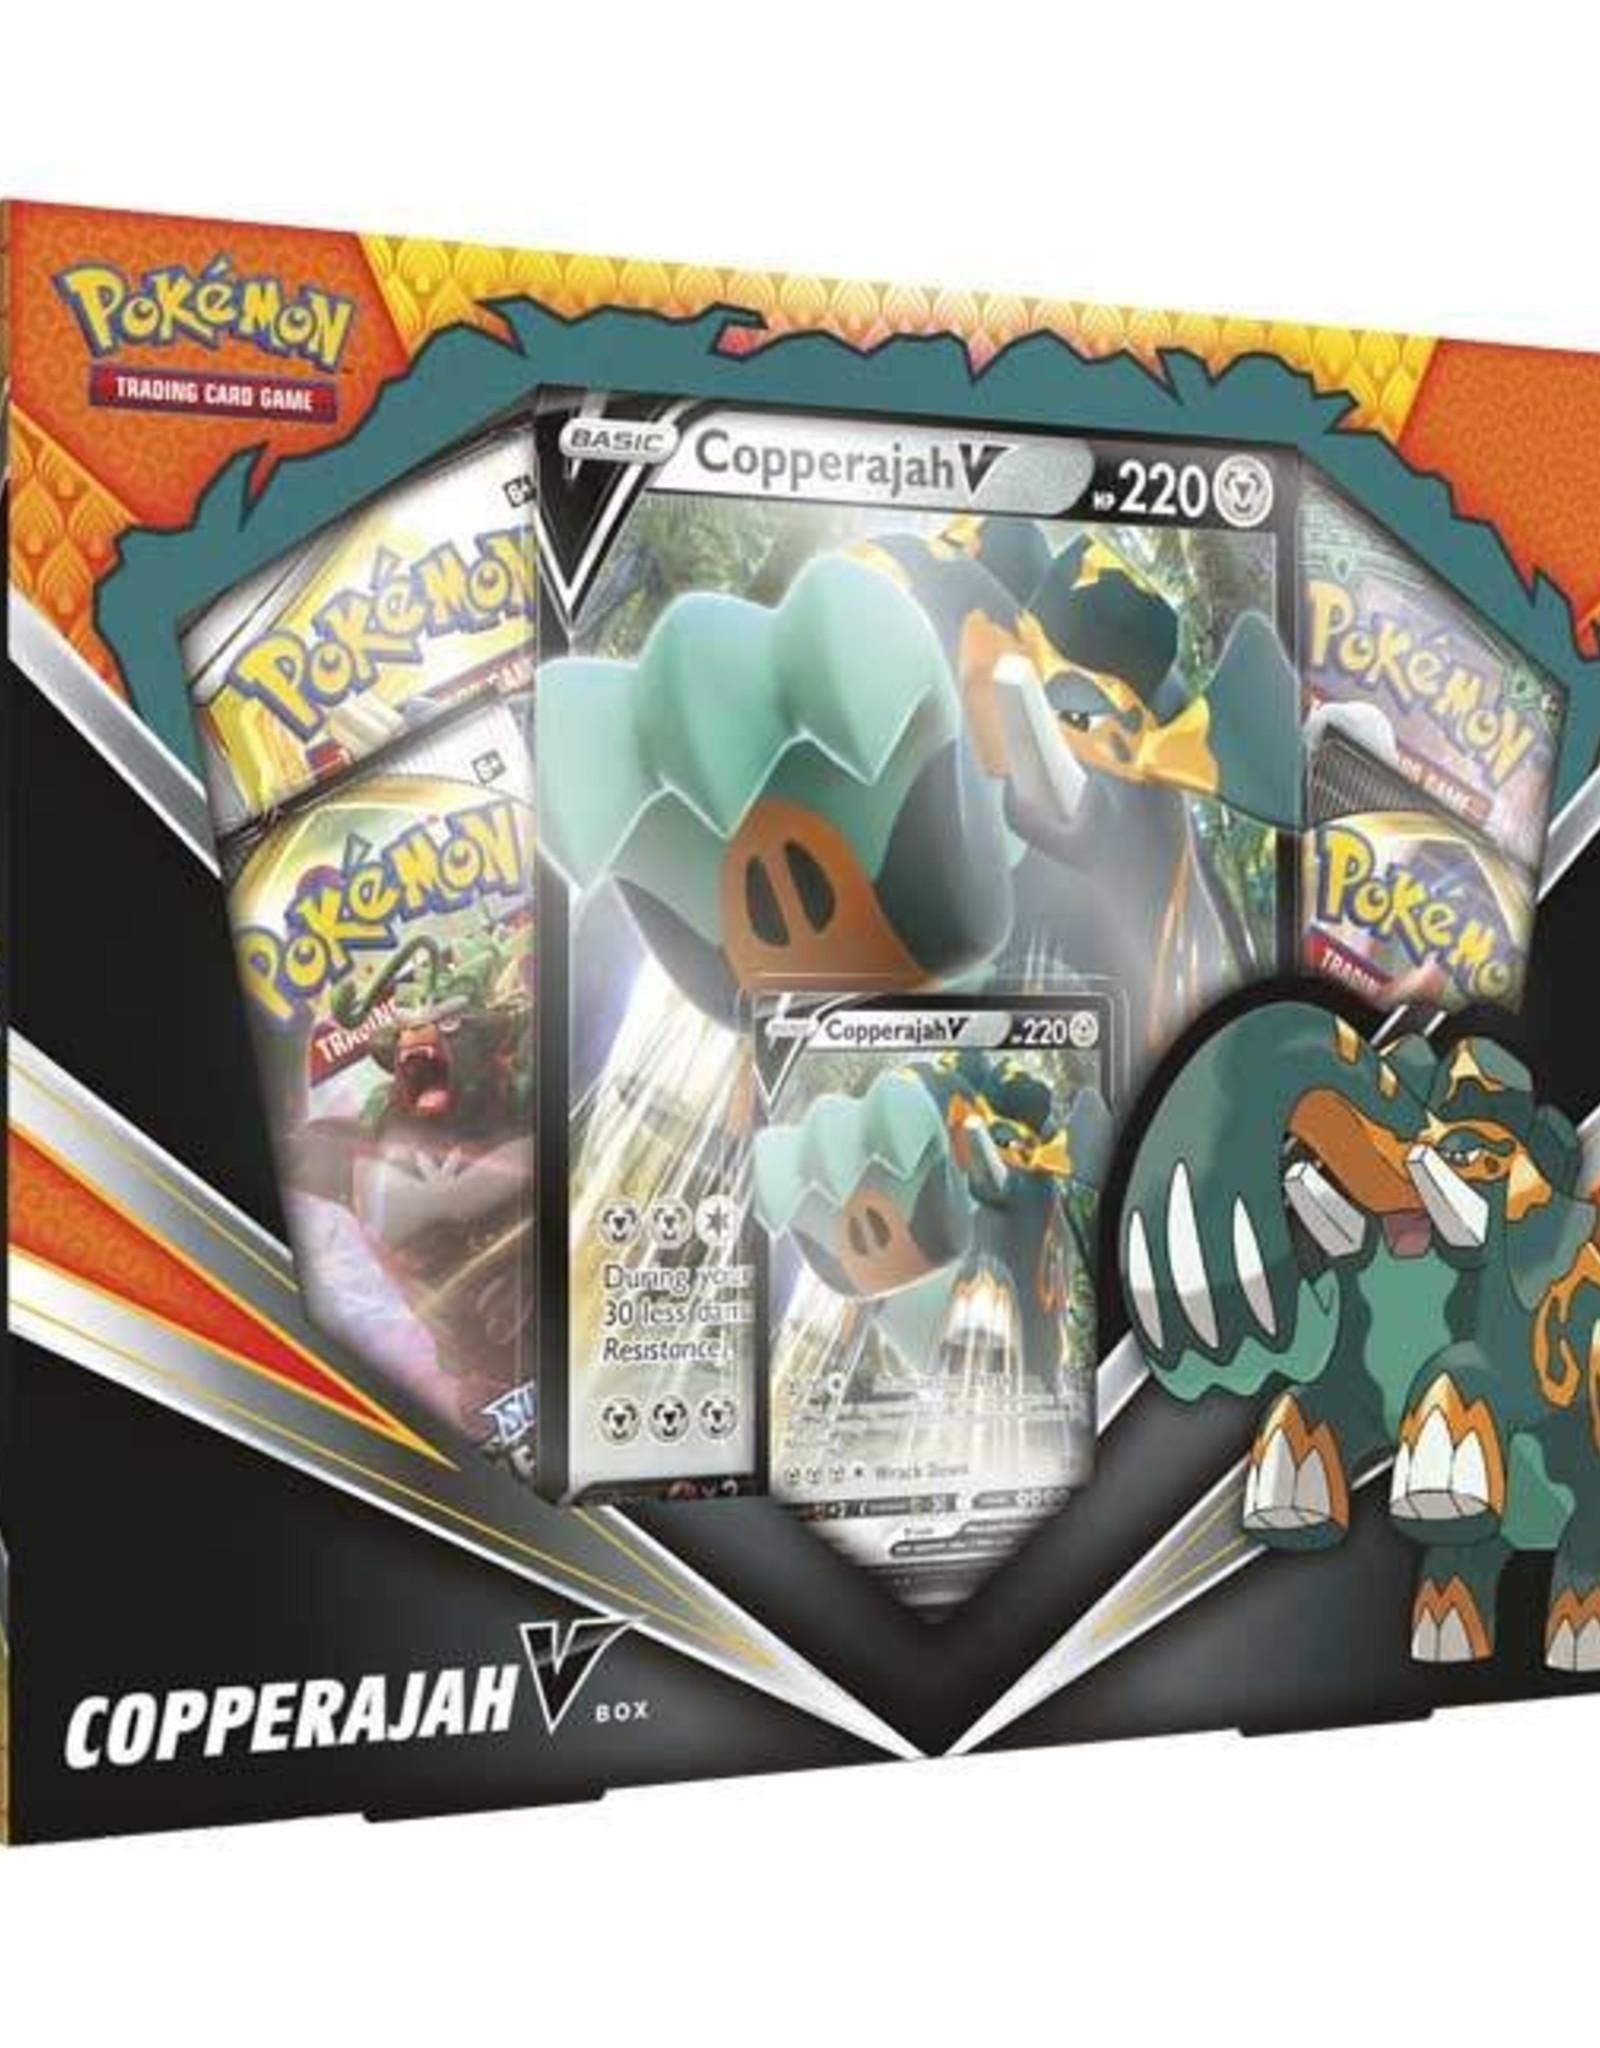 Pokemon Copperajah V Box